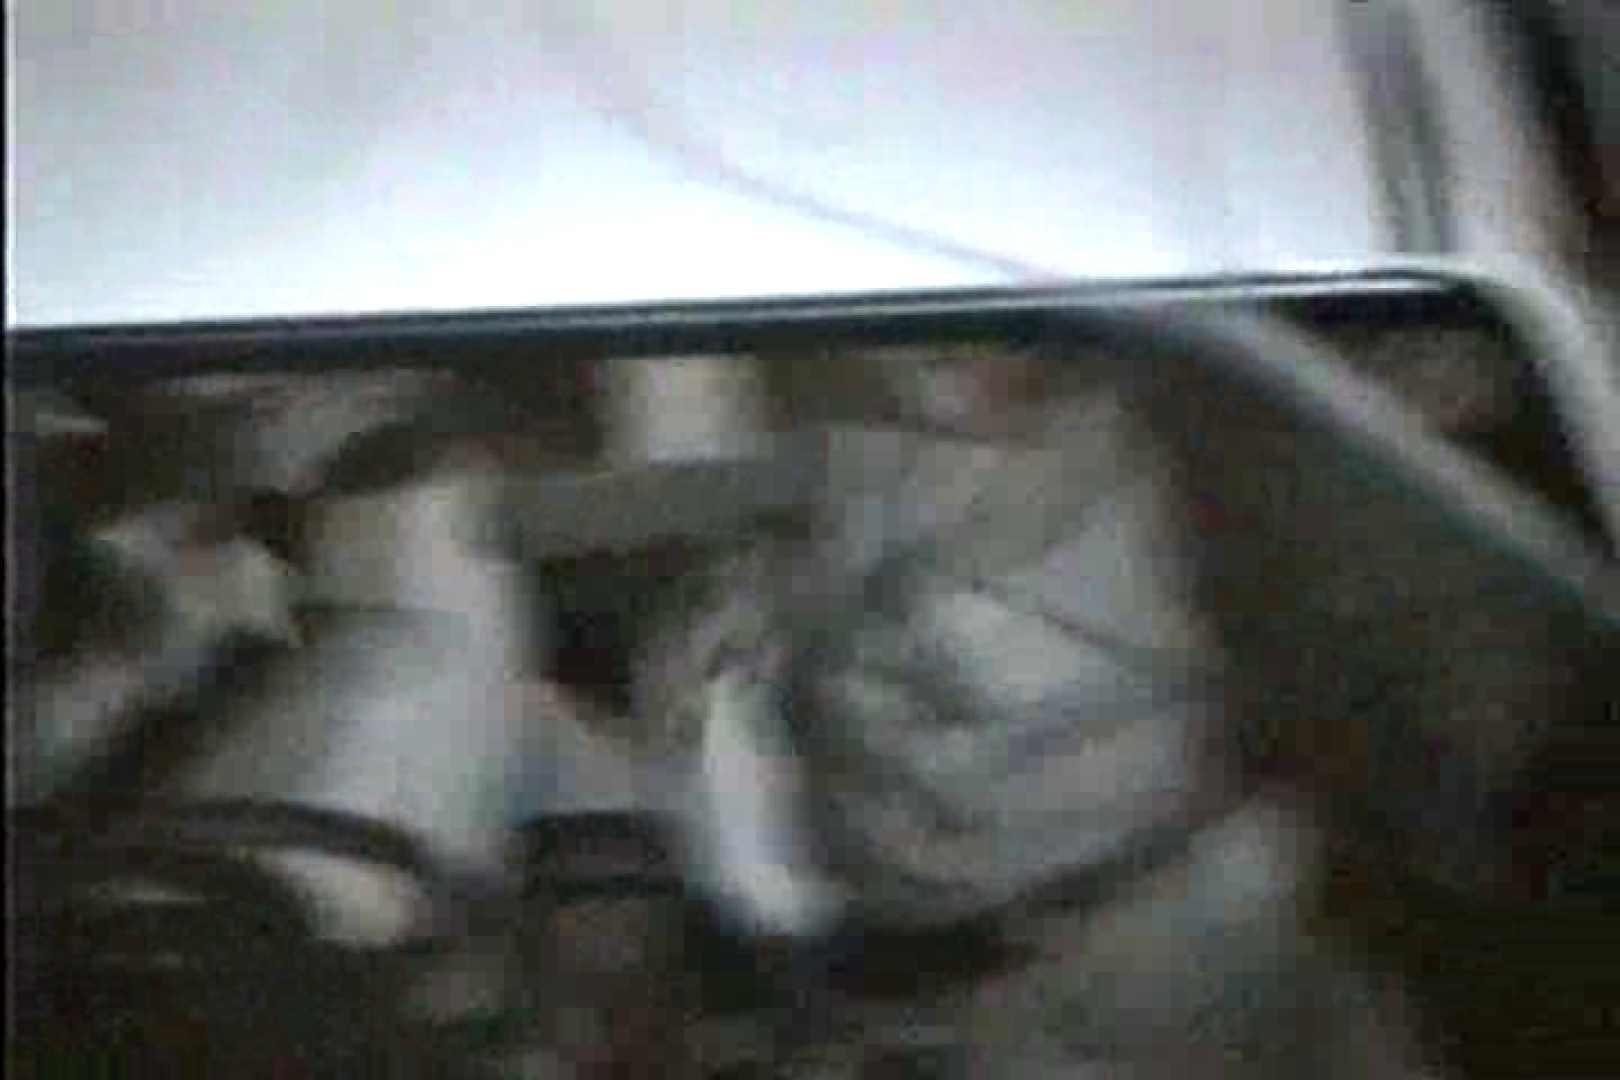 車の中はラブホテル 無修正版  Vol.8 ホテル  68連発 40